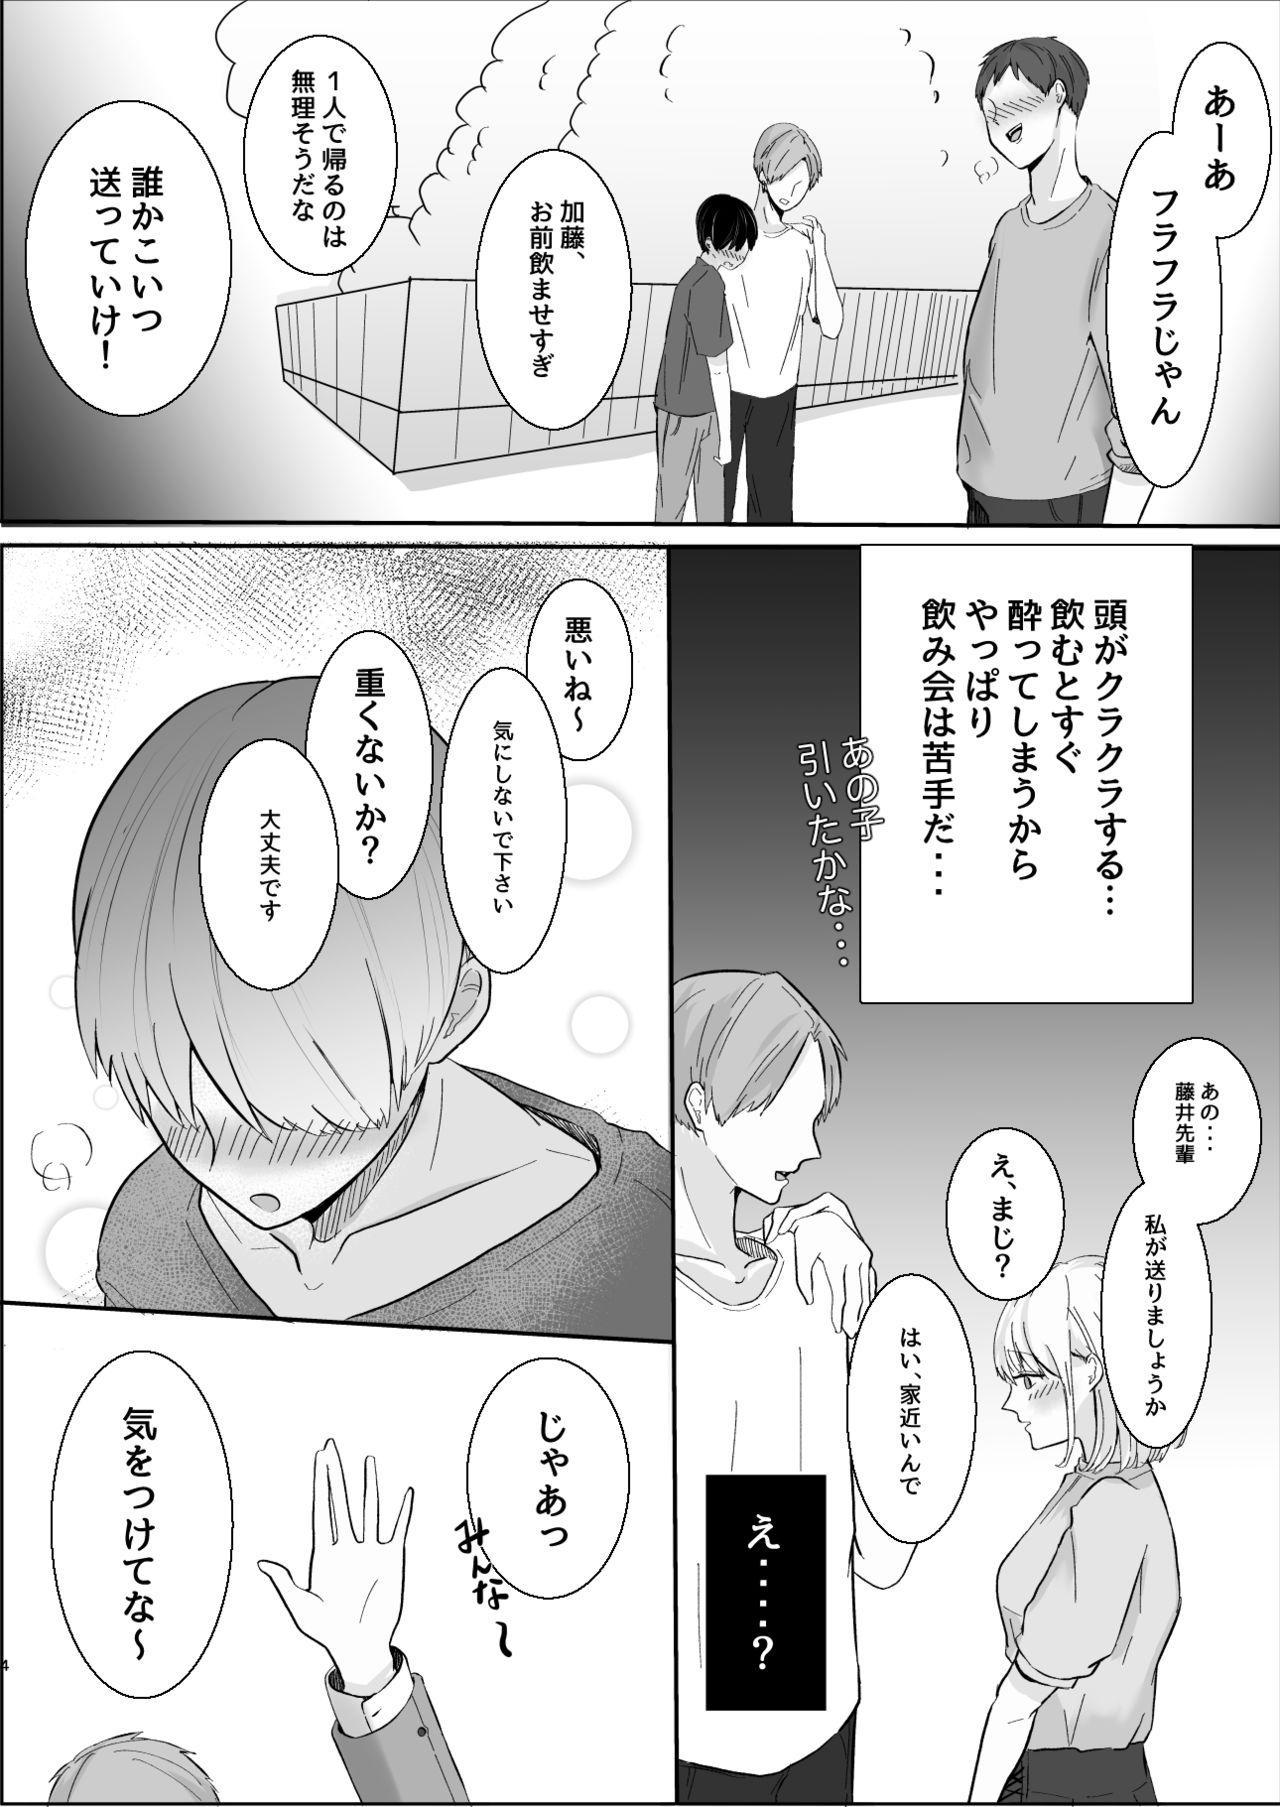 大人しい後輩に攻められイキ狂う話 4